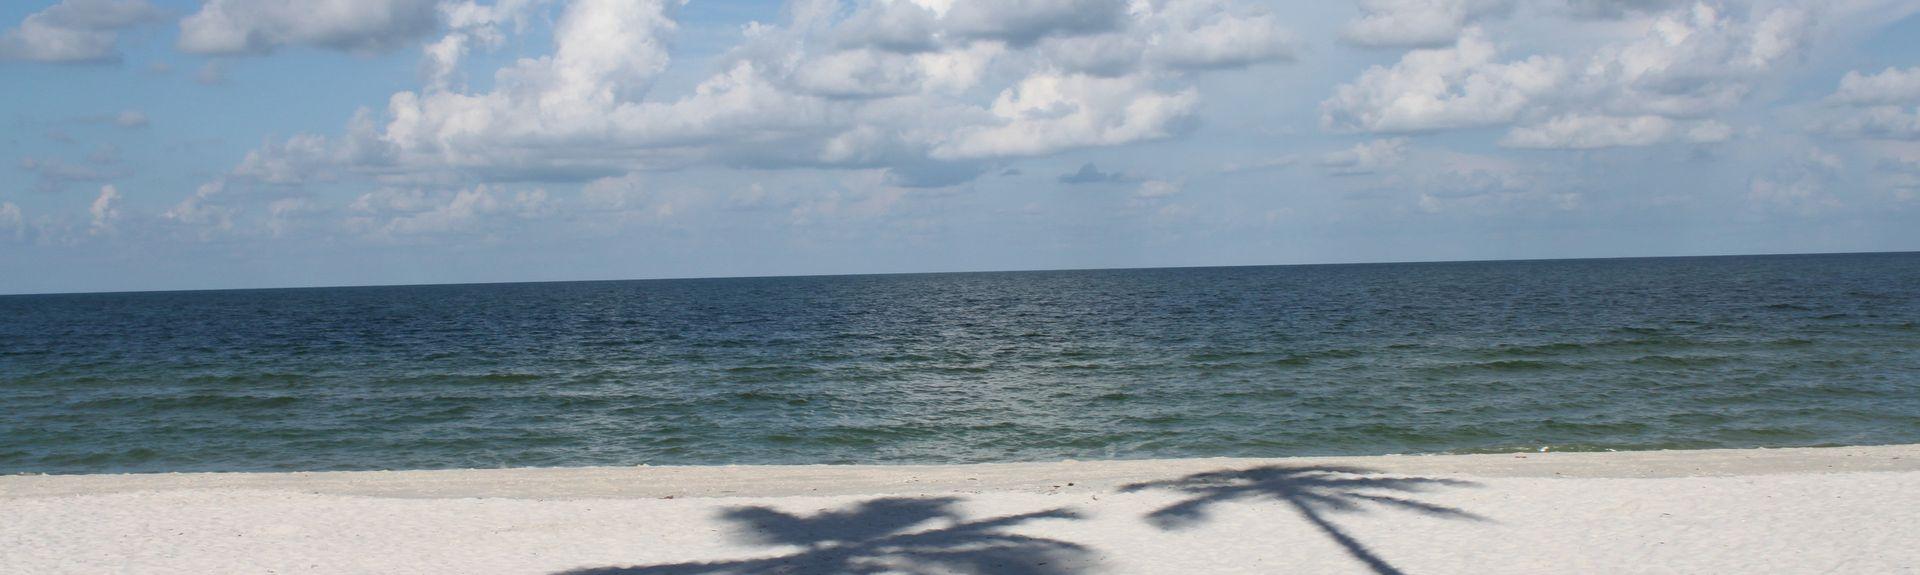 Kings Lake, Naples, Floride, États-Unis d'Amérique